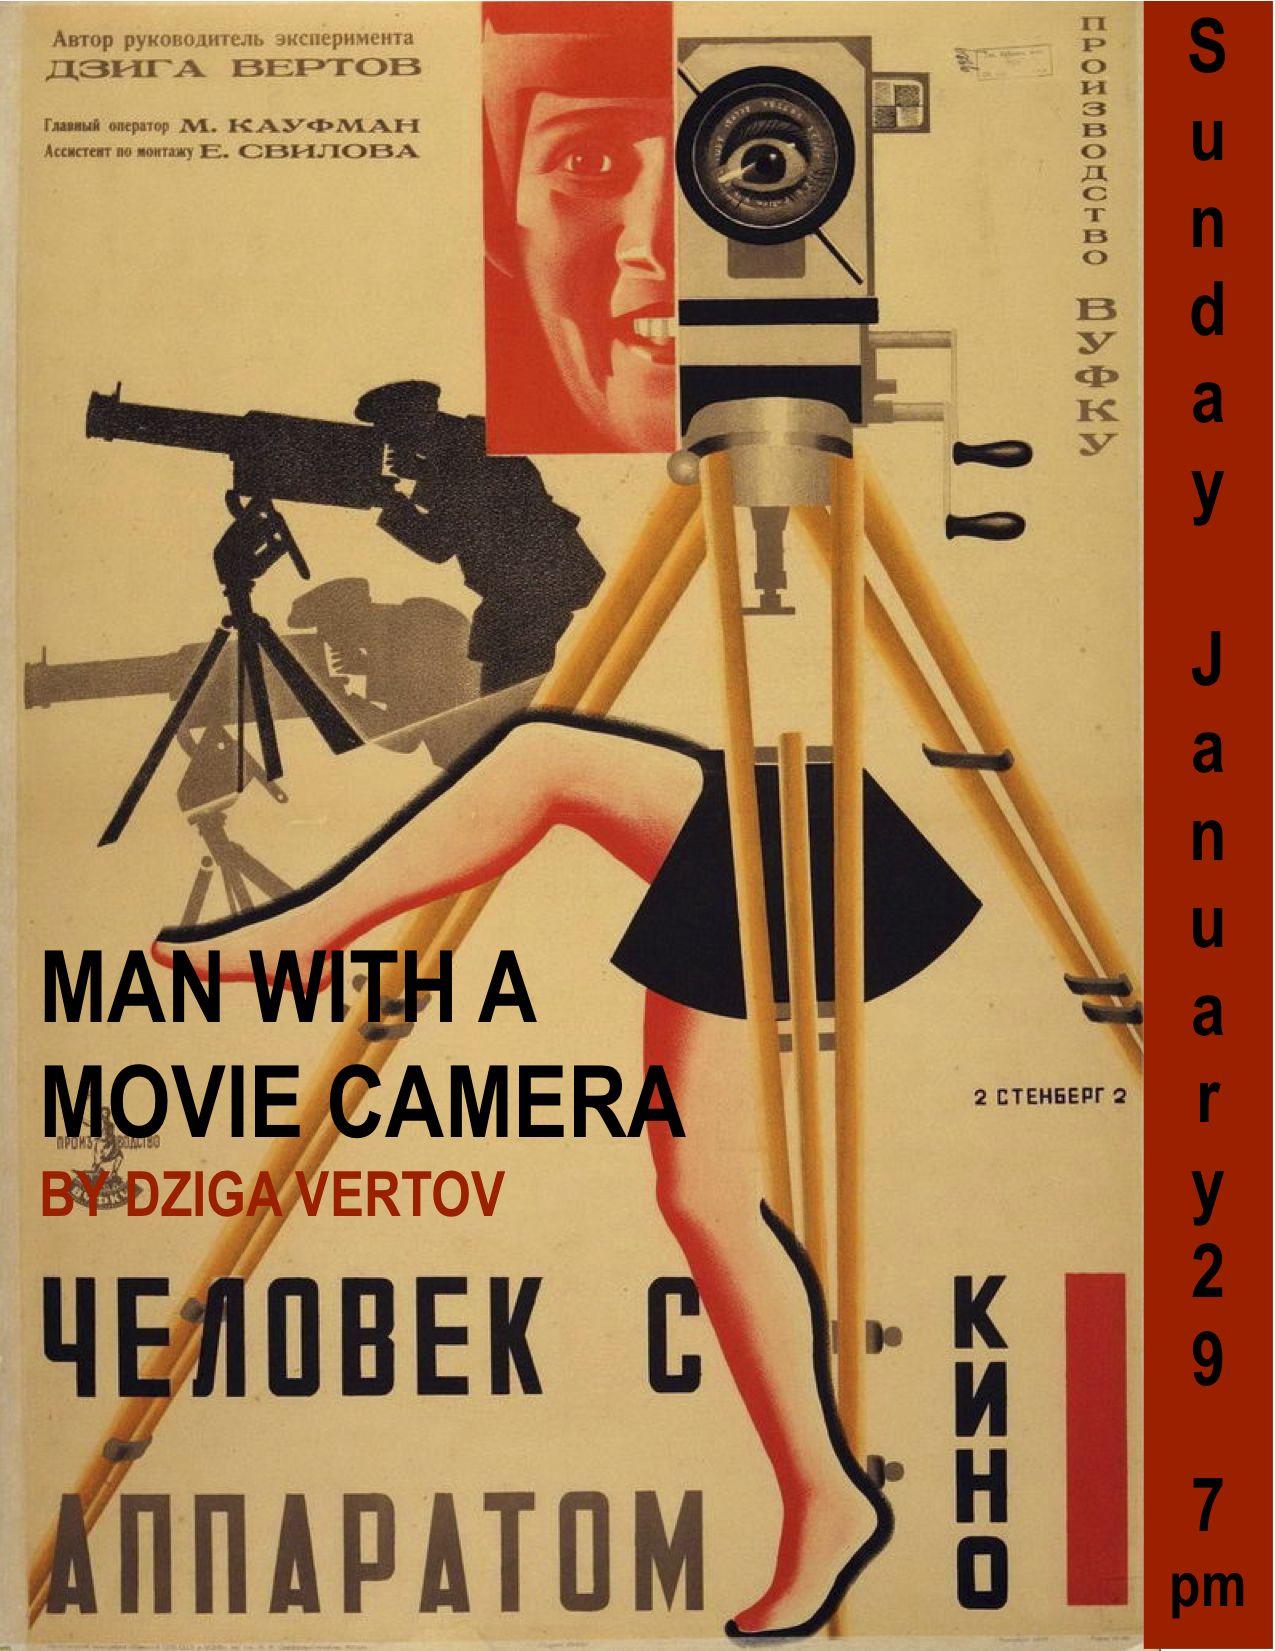 O Homem da Camara de Filmar - Dziga Vertov